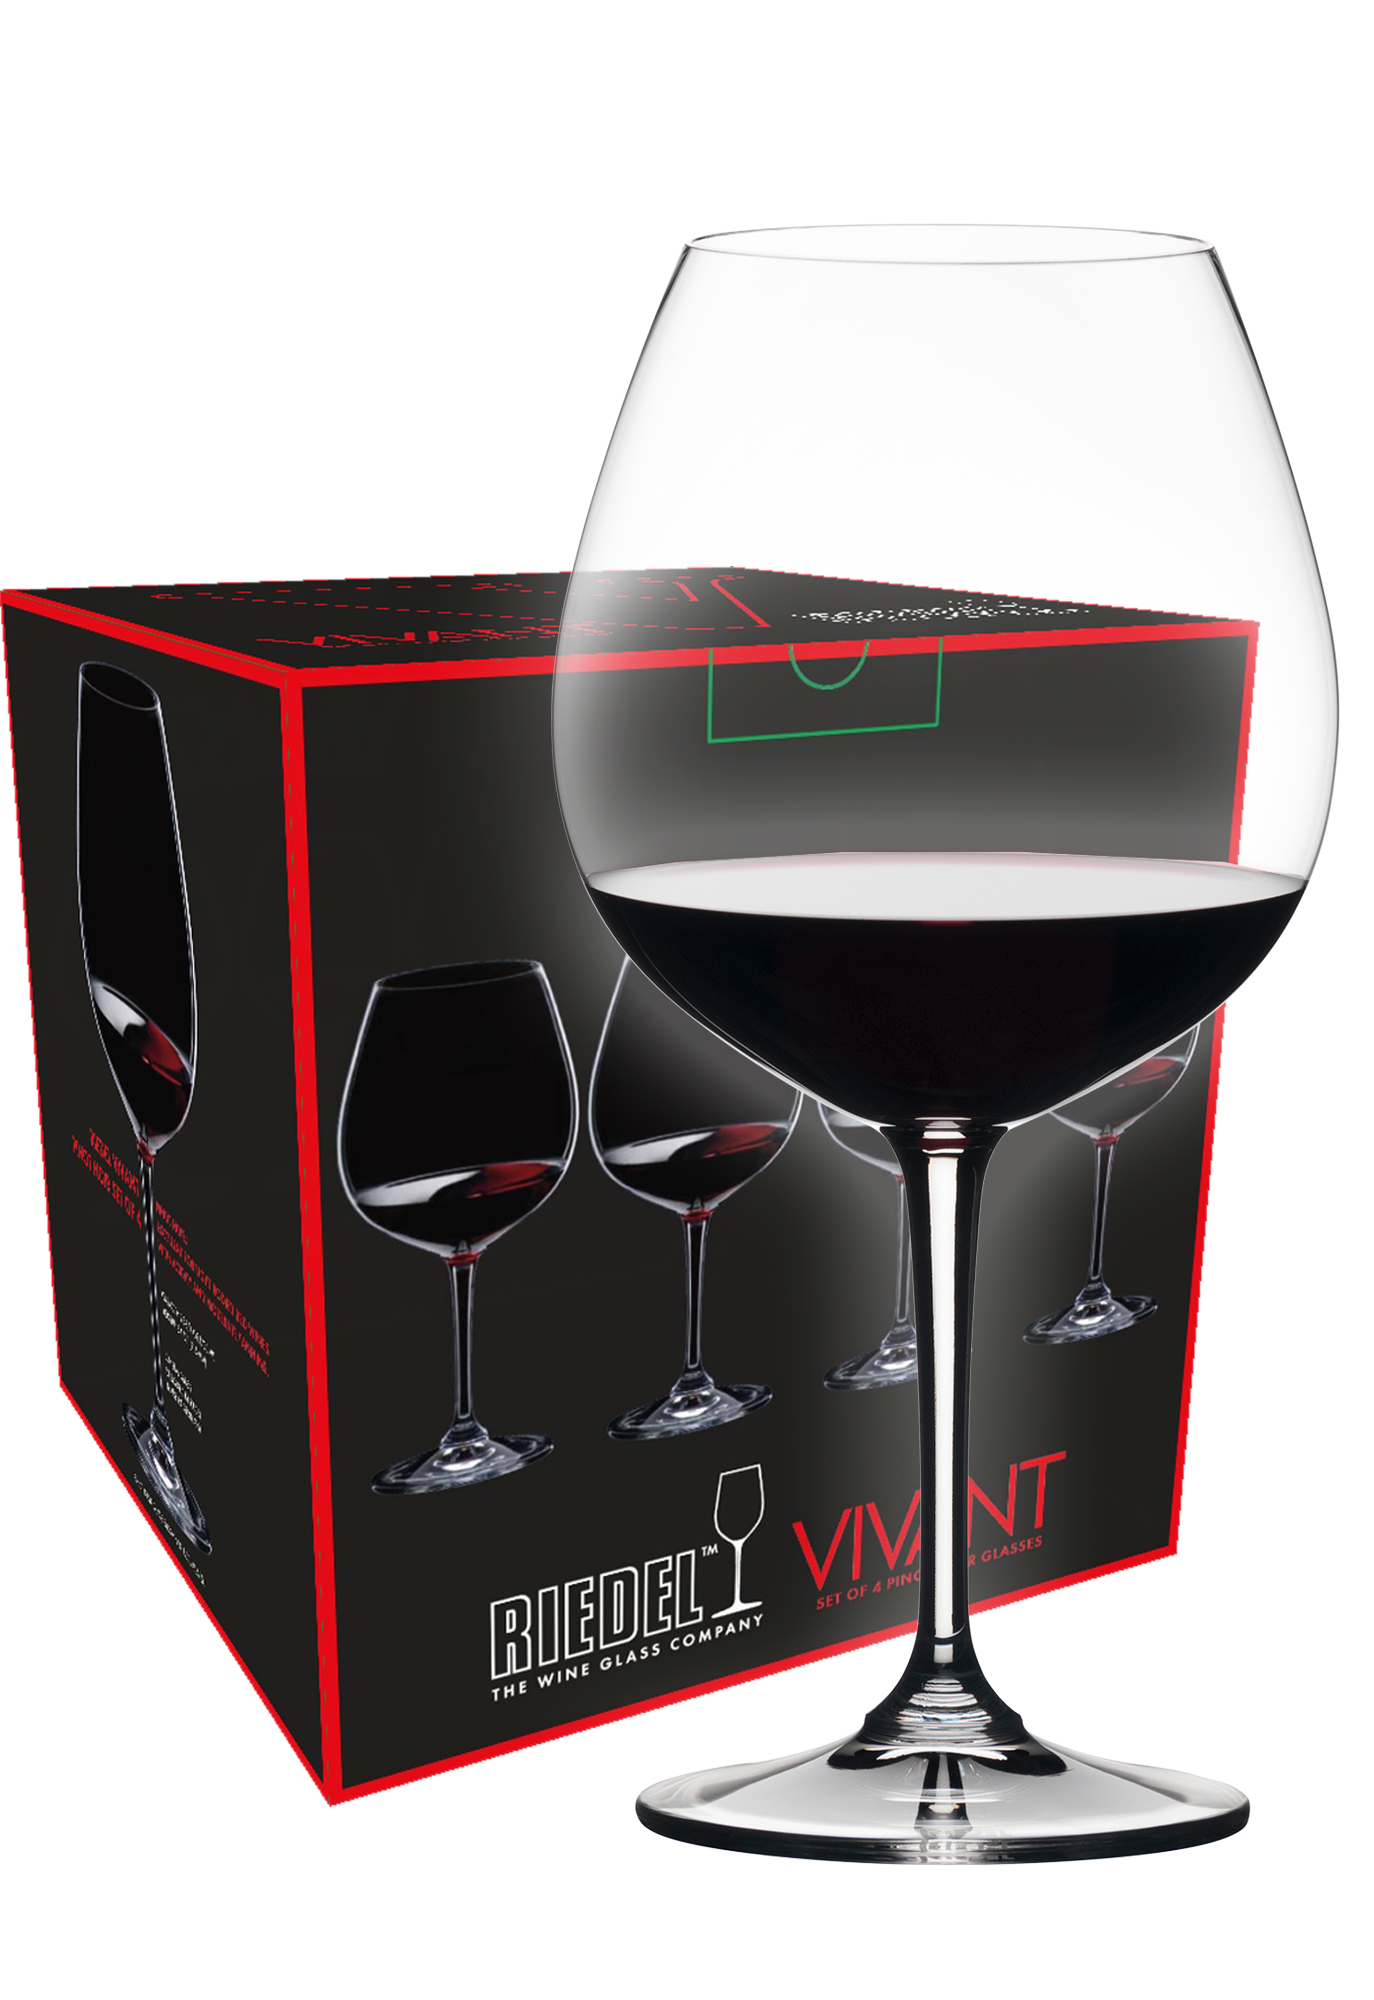 Riedel Vivant Pinot Noir wijnglas (set van 4 voor € 34,80)